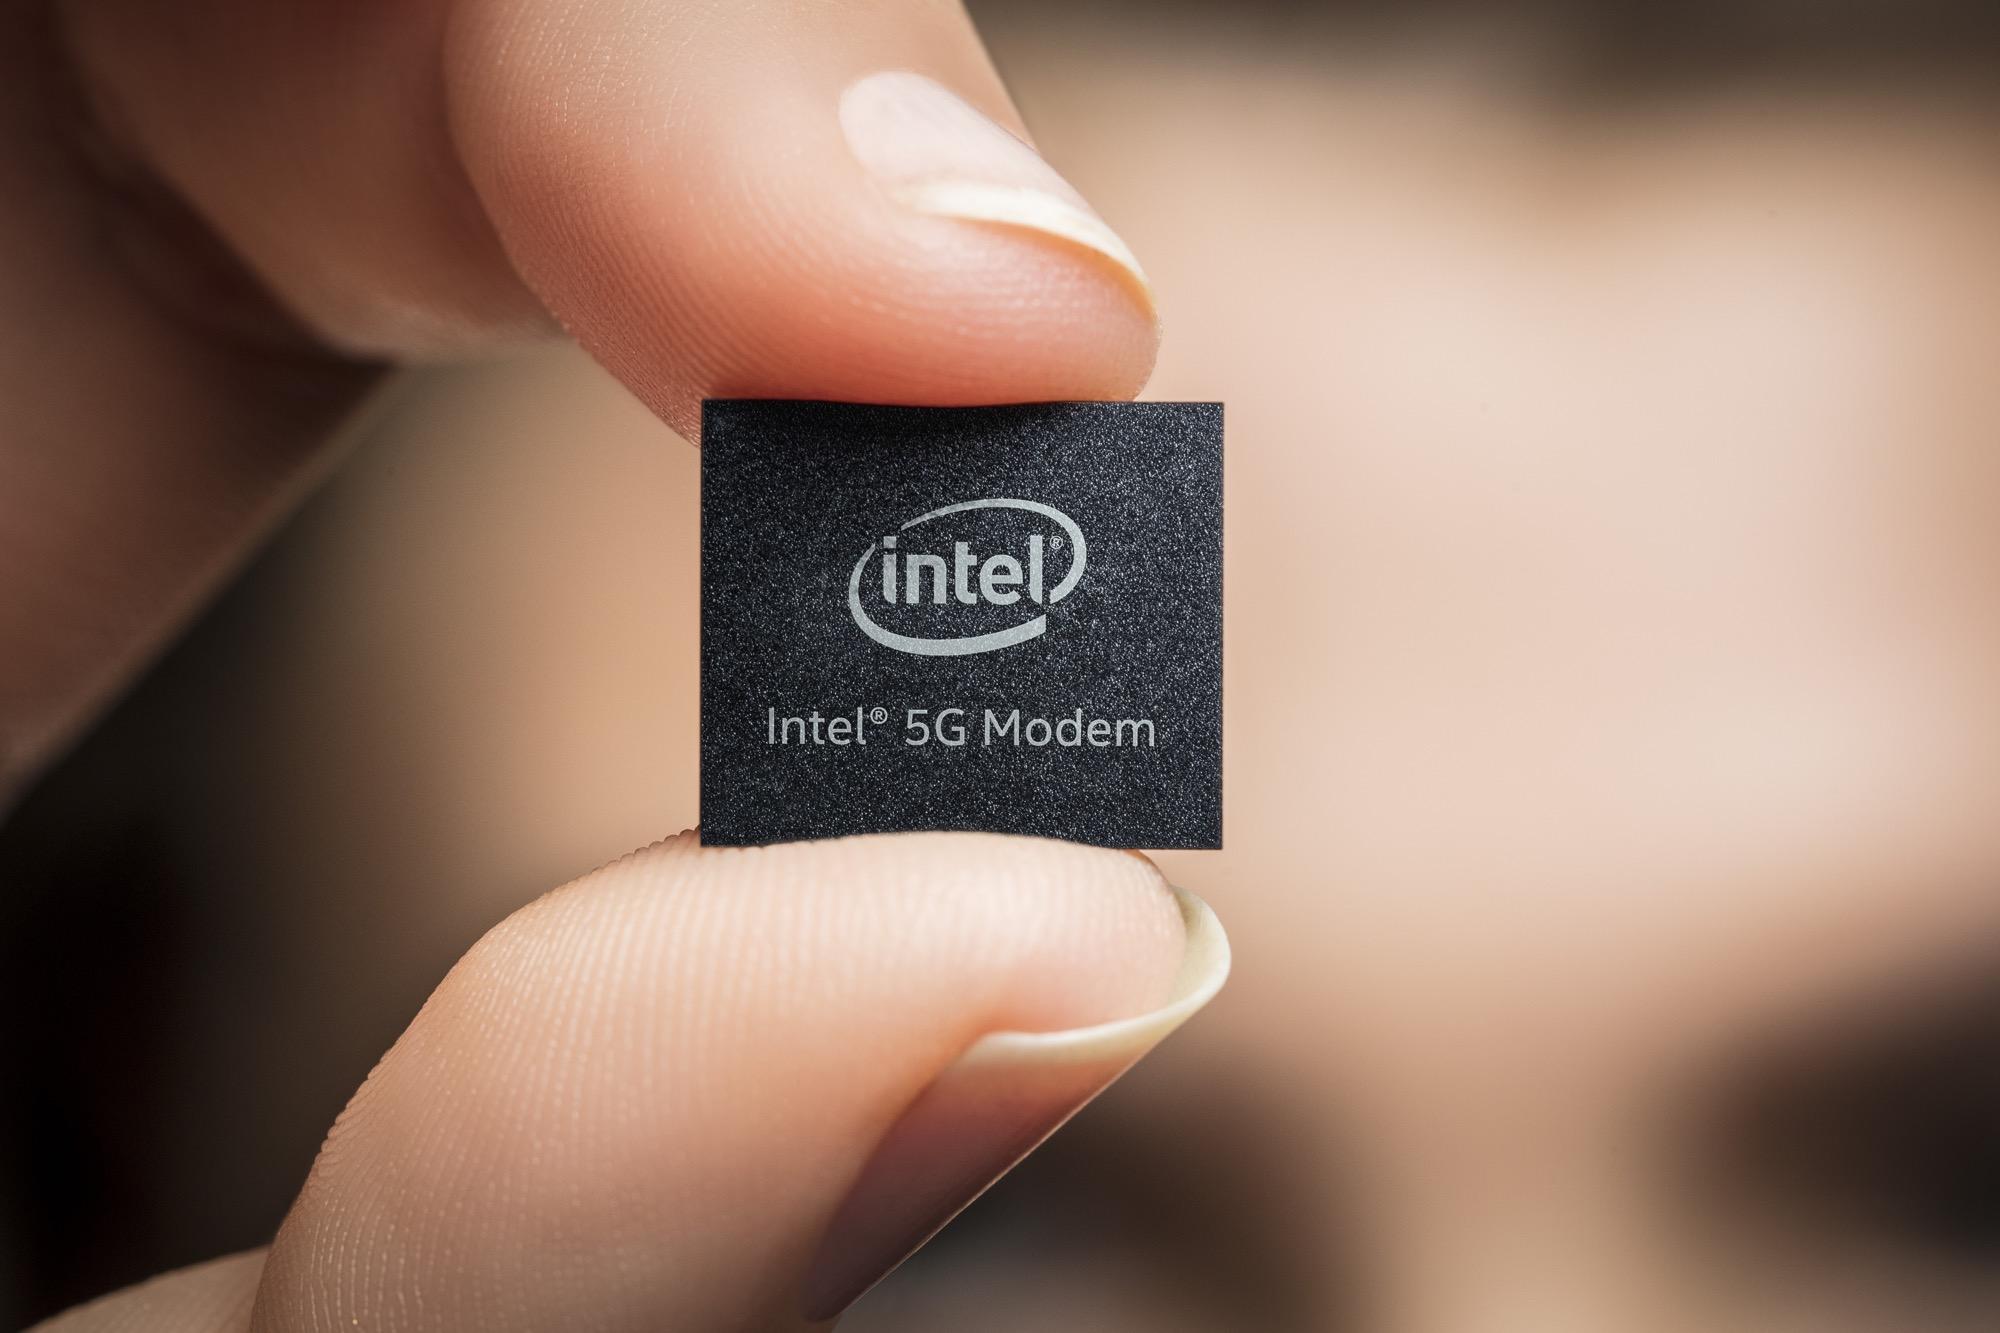 Intel desiste e afirma que não fabricará modems 5G para smartphones